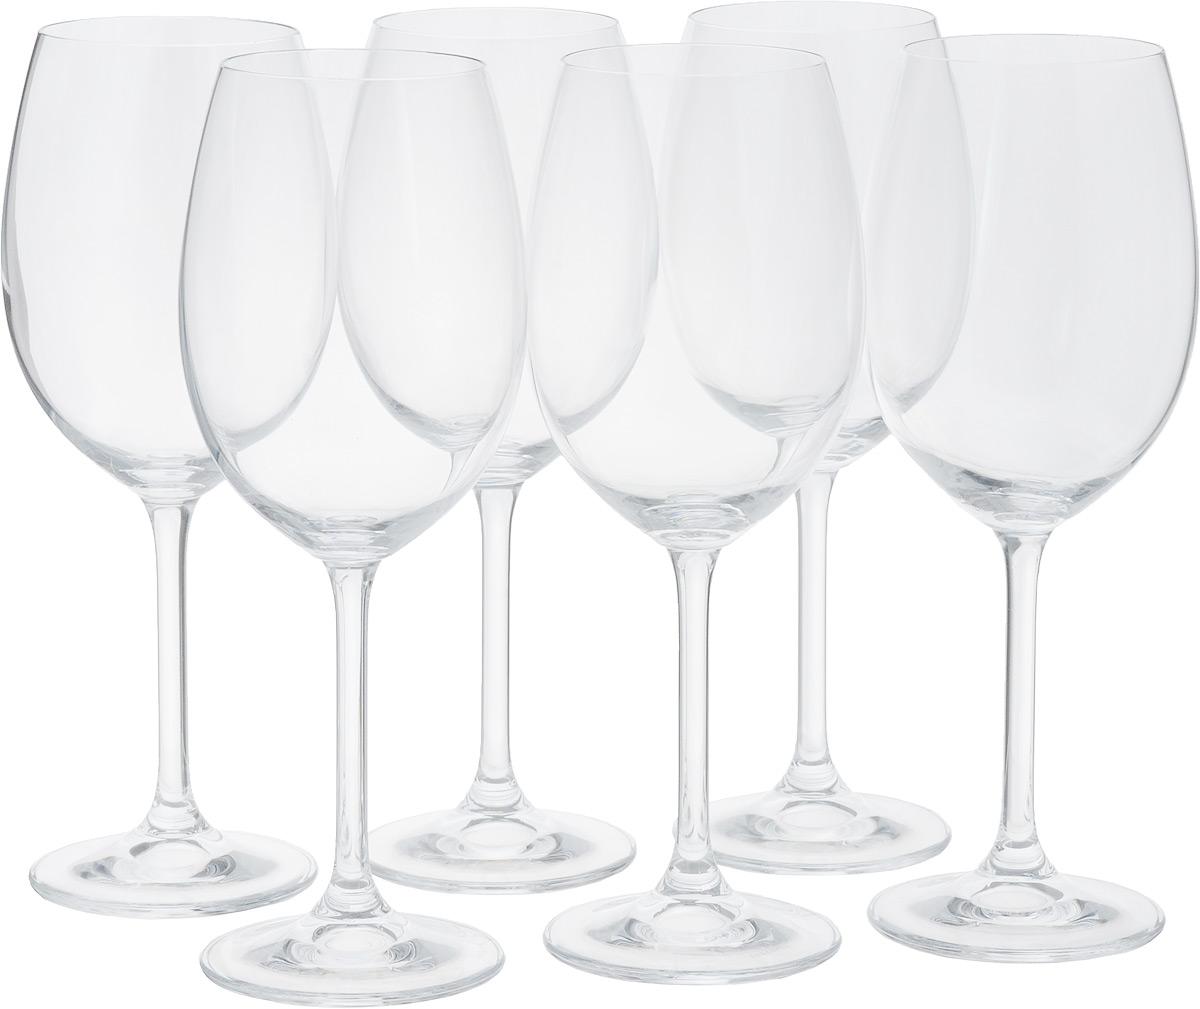 Набор бокалов для красного вина Tescoma Charlie, 450мл, 6шт66123NНабор Tescoma Charlie состоит из 6 бокалов, выполненных из прочного натрий-кальций-силикатного стекла. Изделия оснащены высокими ножками и предназначены для подачи красного вина. Они сочетают в себе элегантный дизайн и функциональность. Набор бокалов Tescoma Charlie прекрасно оформит праздничный стол и создаст приятную атмосферу за романтическим ужином. Такой набор также станет хорошим подарком к любому случаю. Можно мыть в посудомоечной машине.Высота бокала: 22,5 см.Диаметр бокала (по верхнему краю): 6 см.